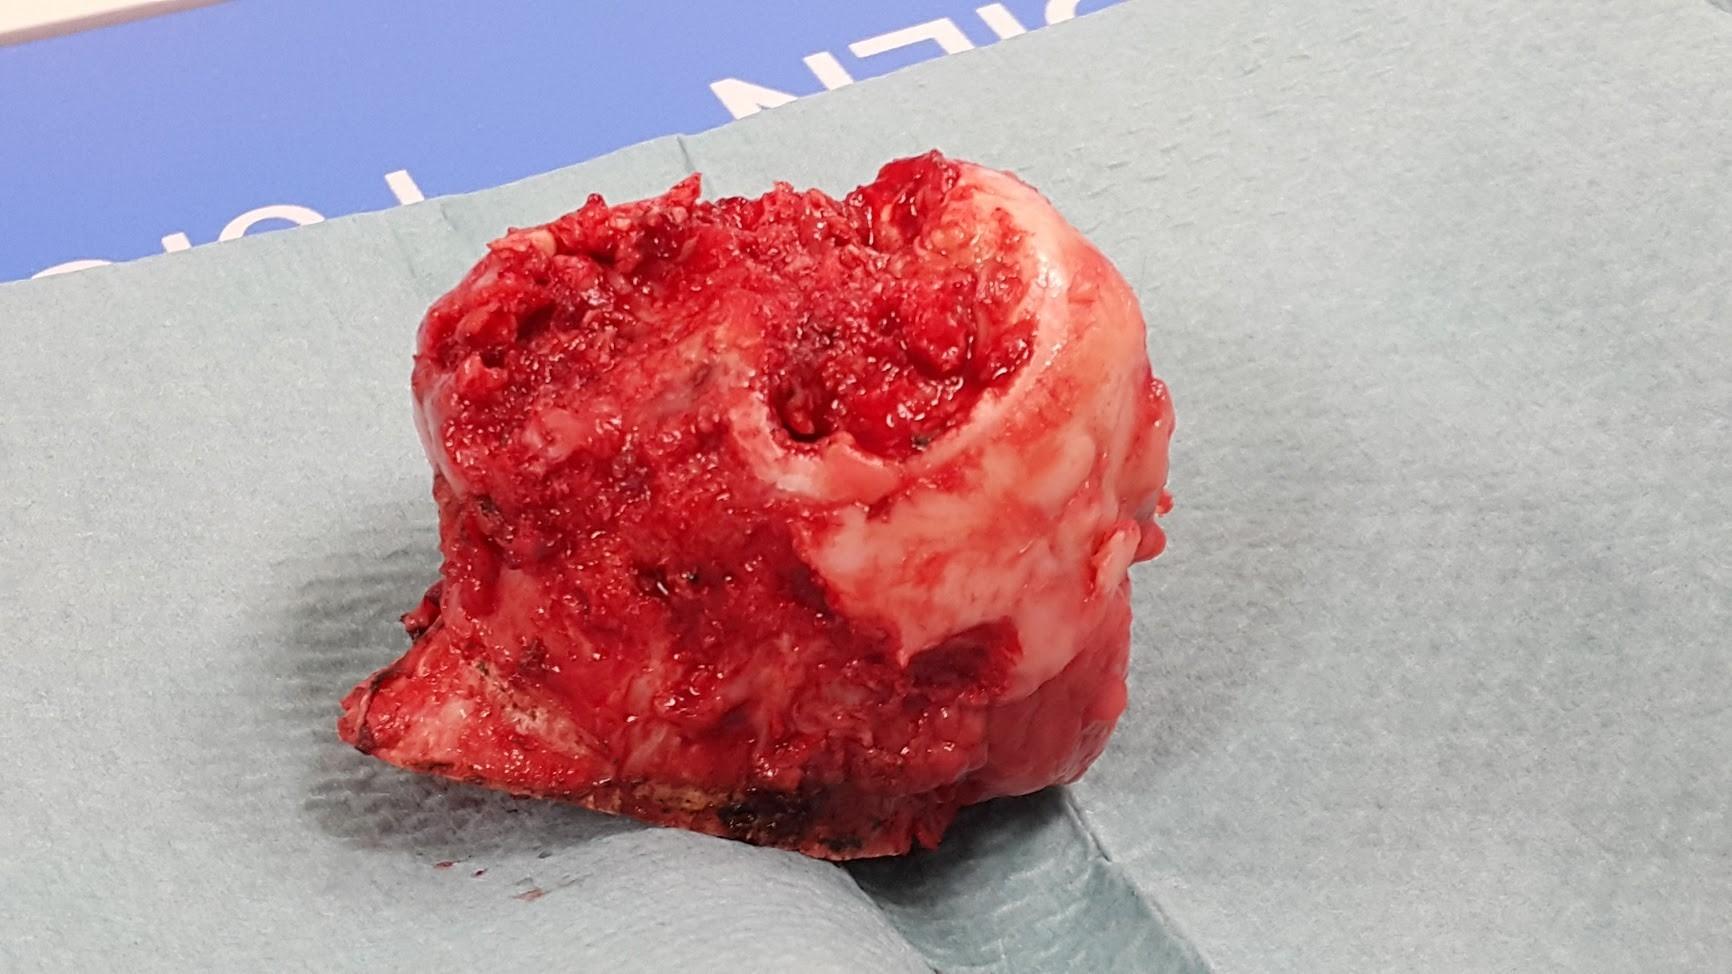 Разрушена значительная часть головки бедра в ее наиболее нагружаемой части, суставной хрящ отсутствует, имеется укорочение ноги вследствие разрушения головки